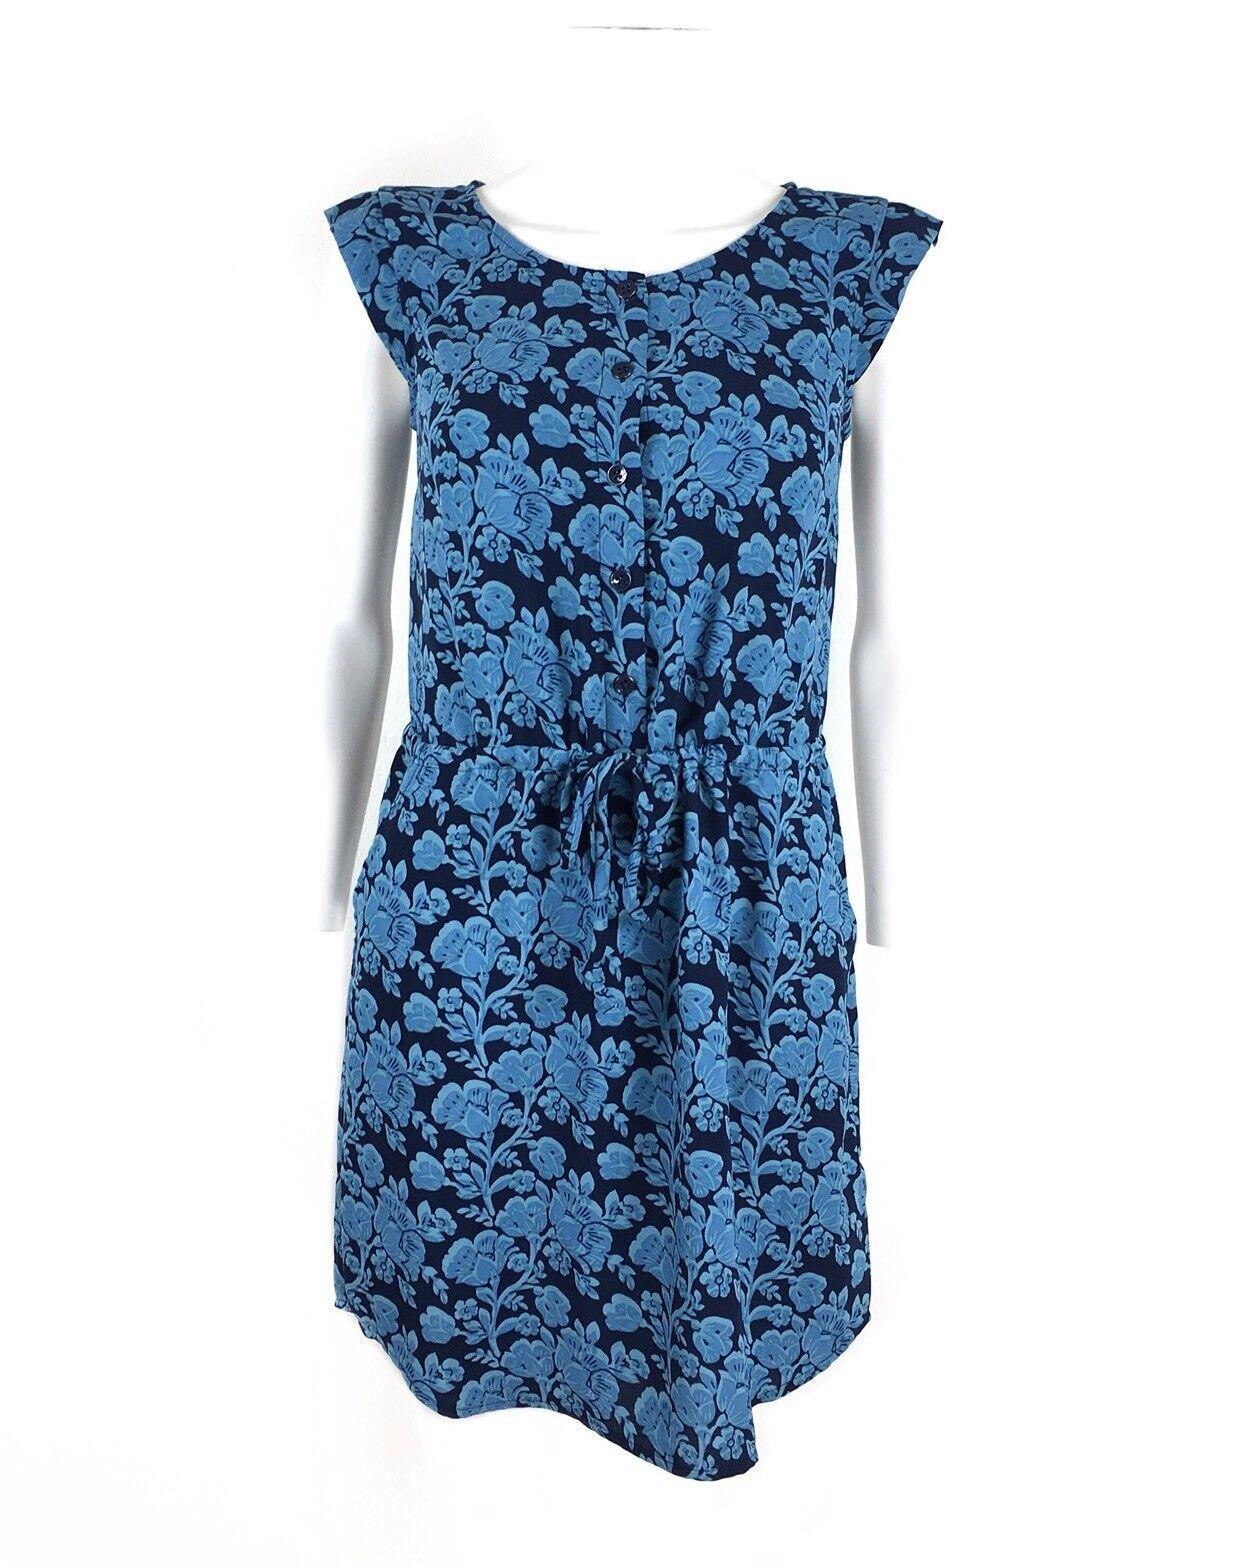 CAbi Woherren Java Dress Blau Floral Style 5265 Drawstring Waist Größe XS